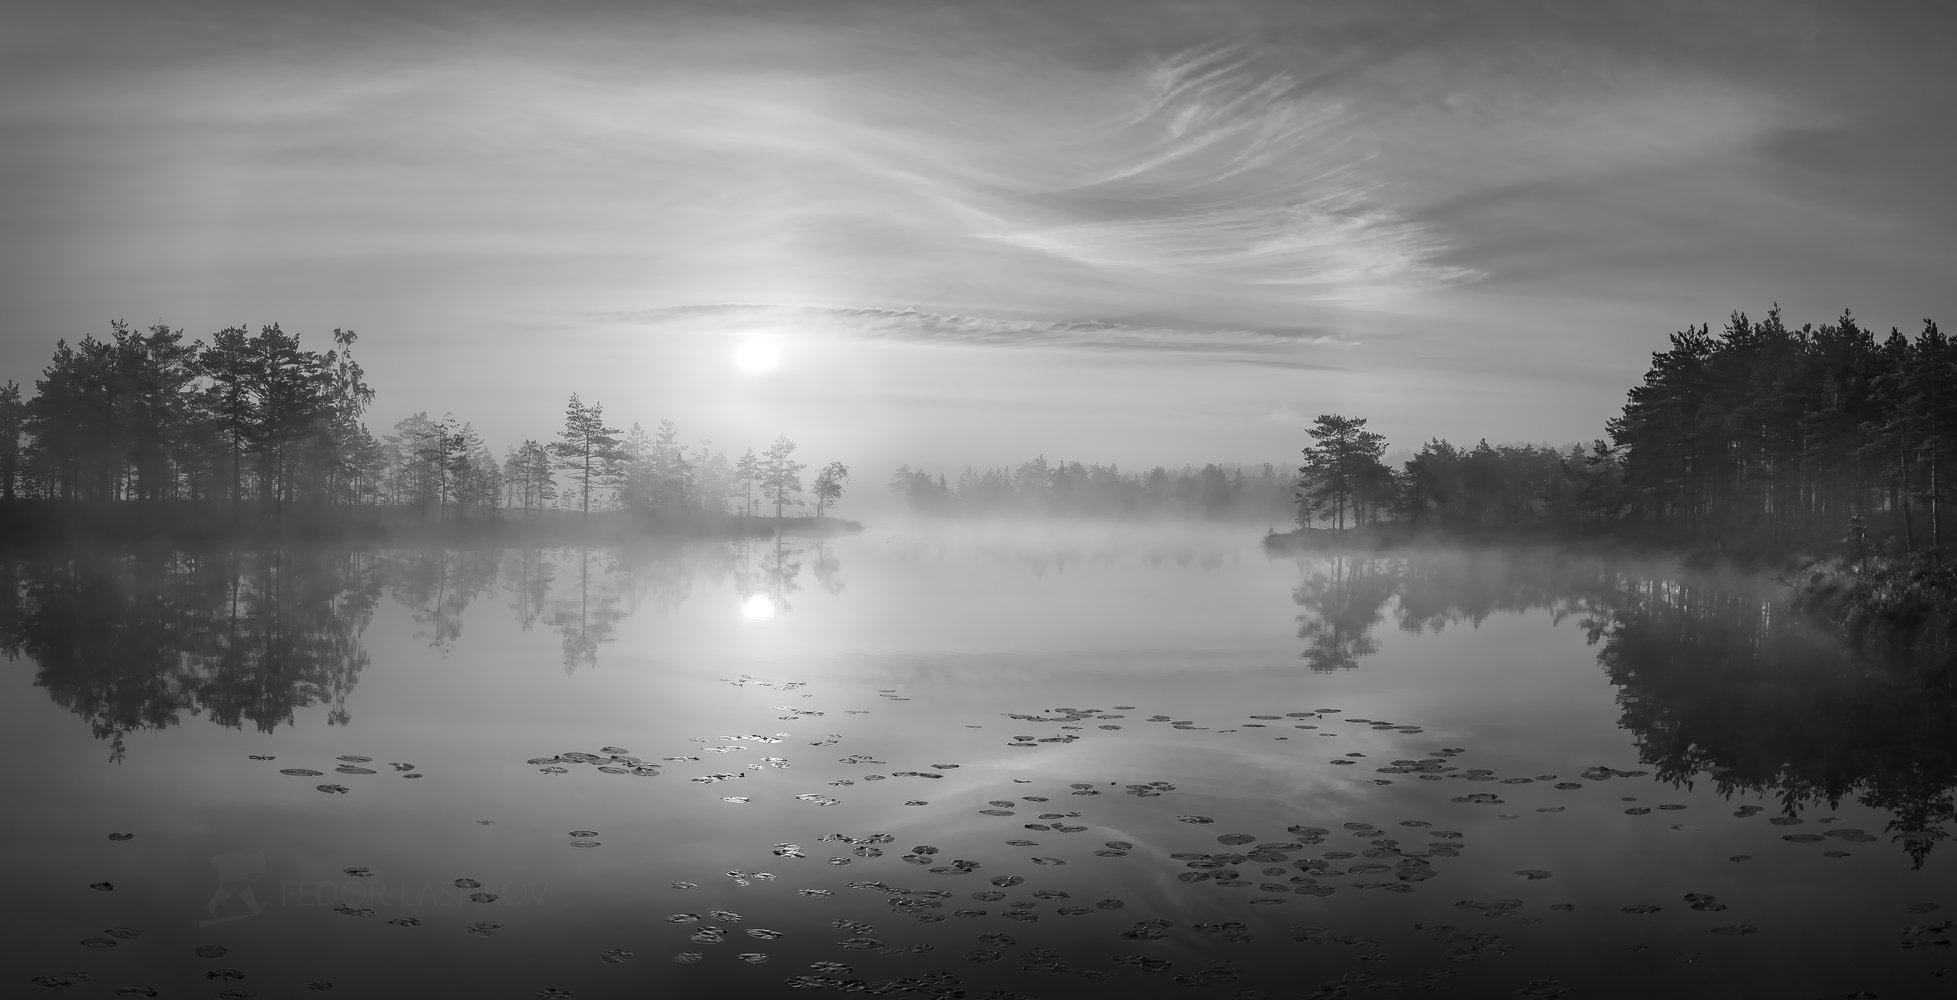 ленинградская область, рассвет, лето, сосны, озеро, отражение, деревья, берег, небо, облака, болото, водная гладь,, Лашков Фёдор